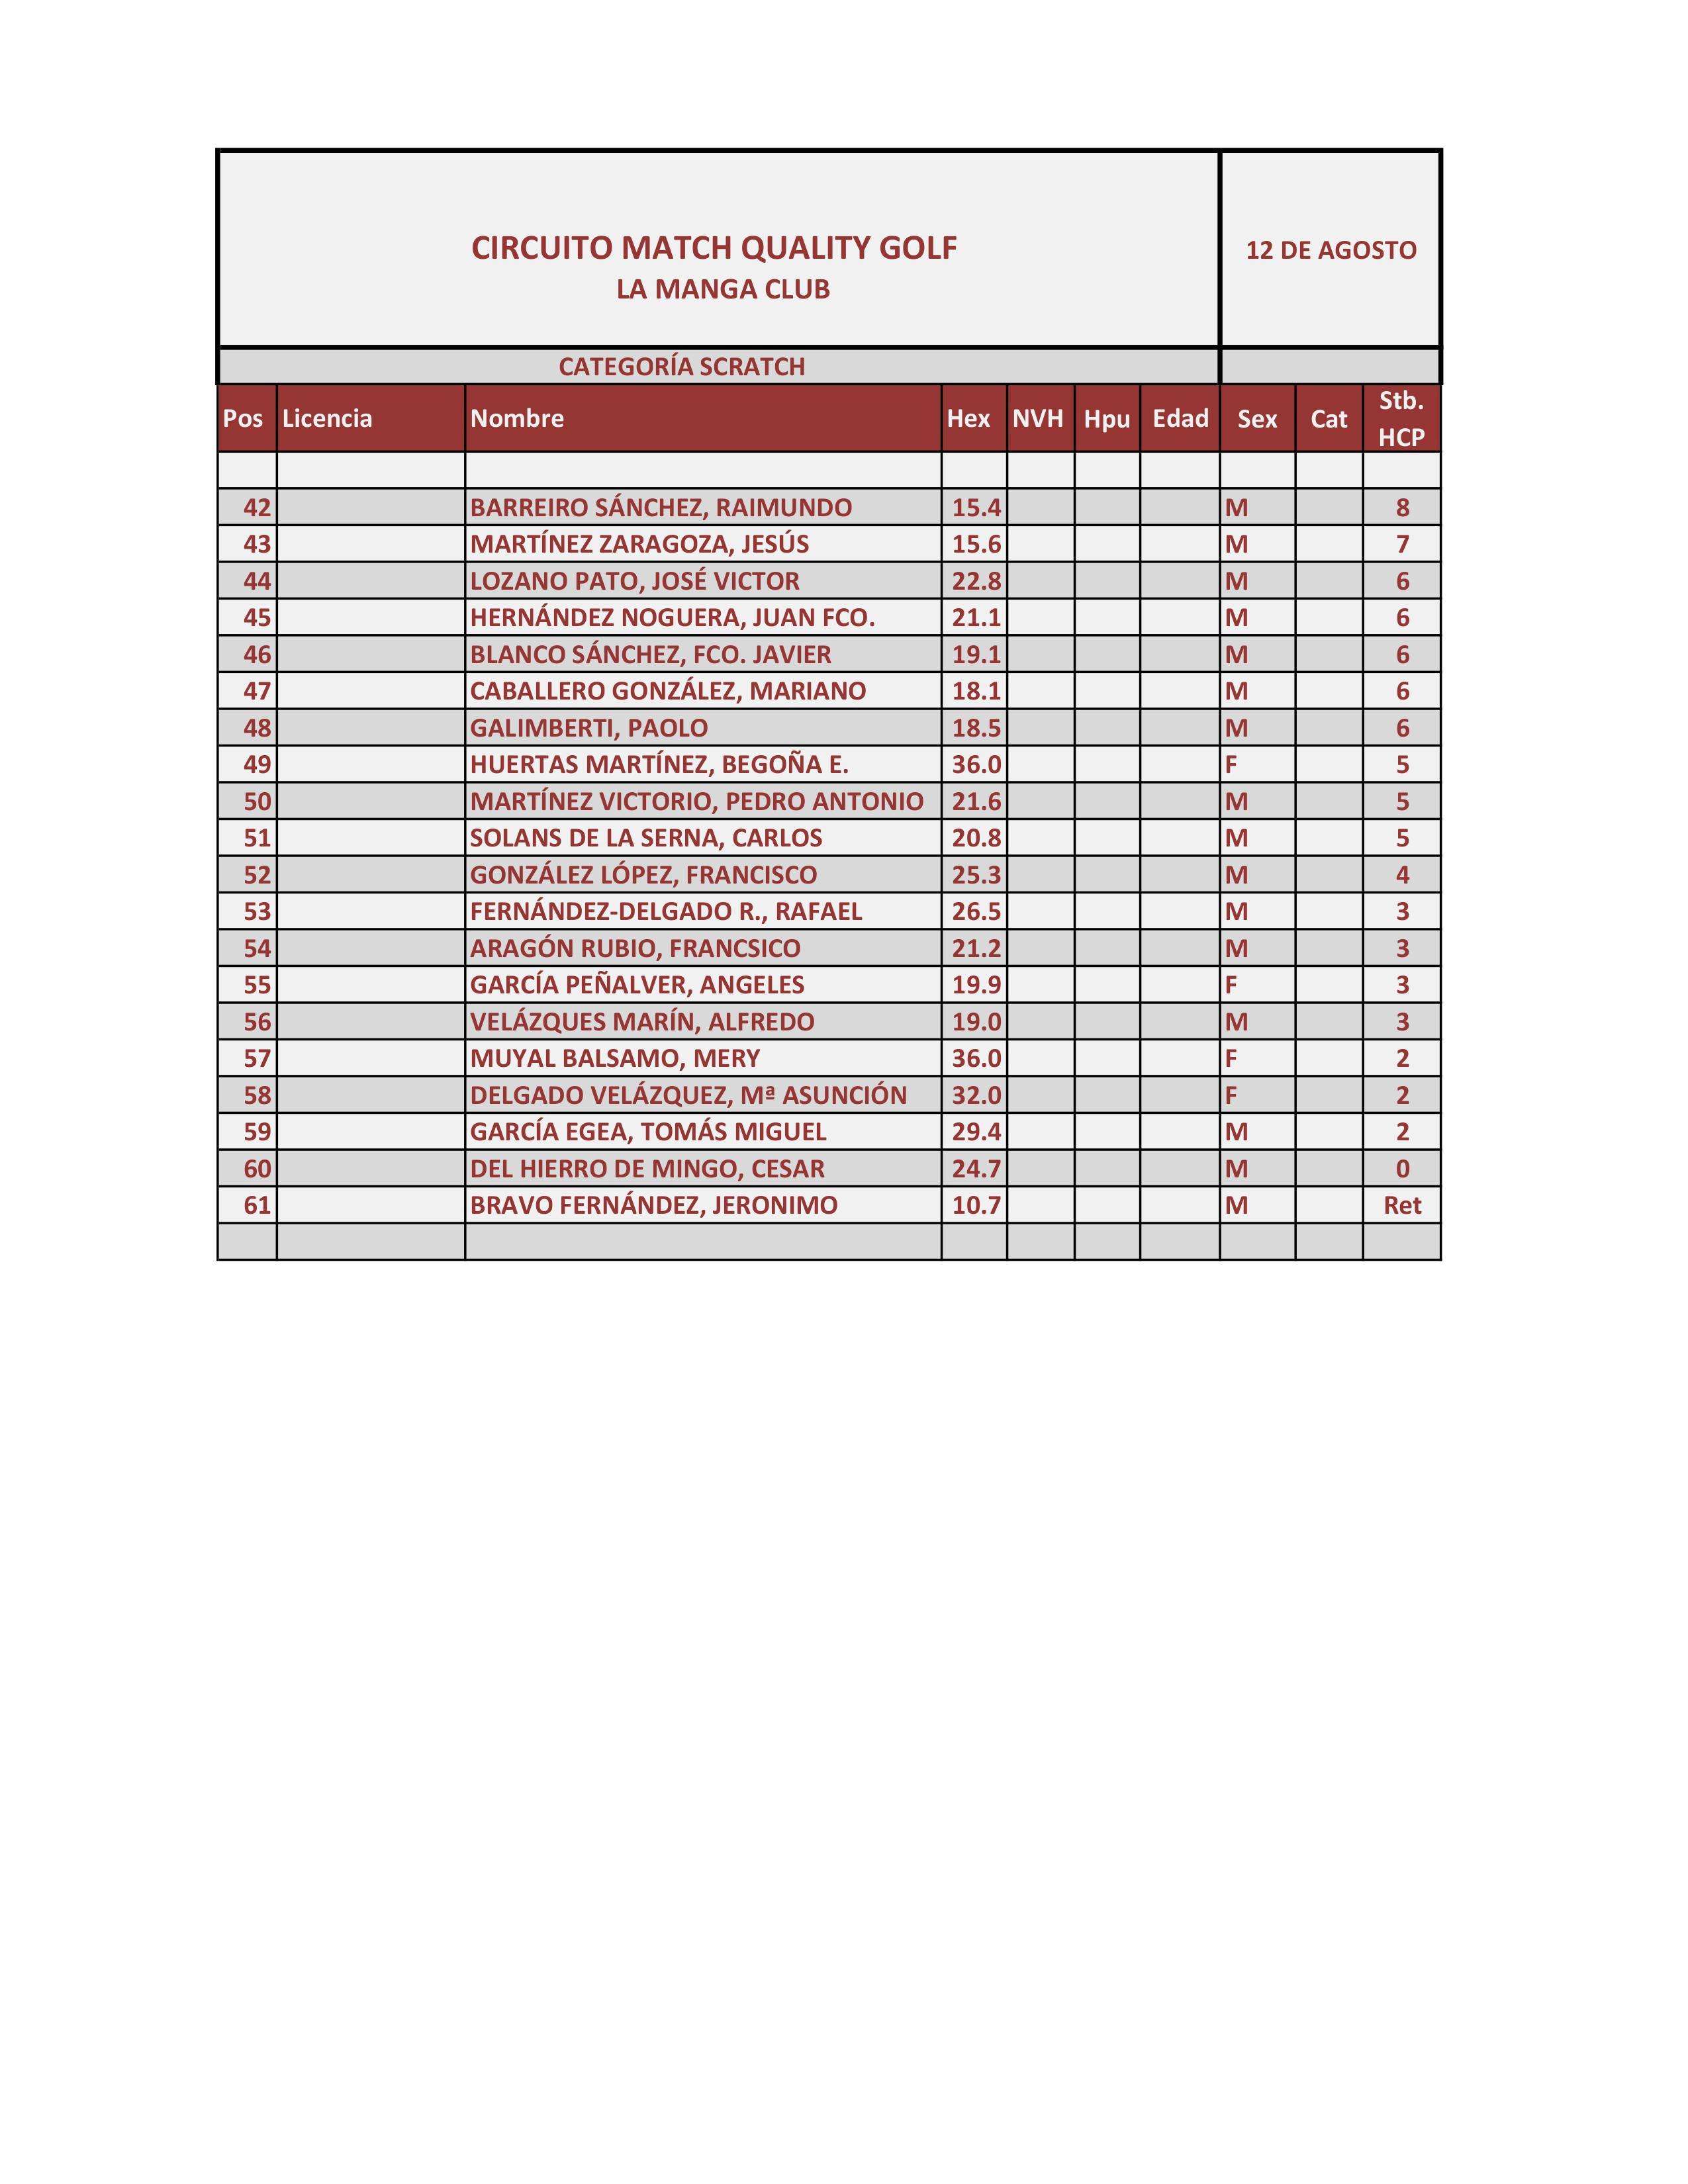 170812 LMS, Clasificación Categoría Scratch (2)